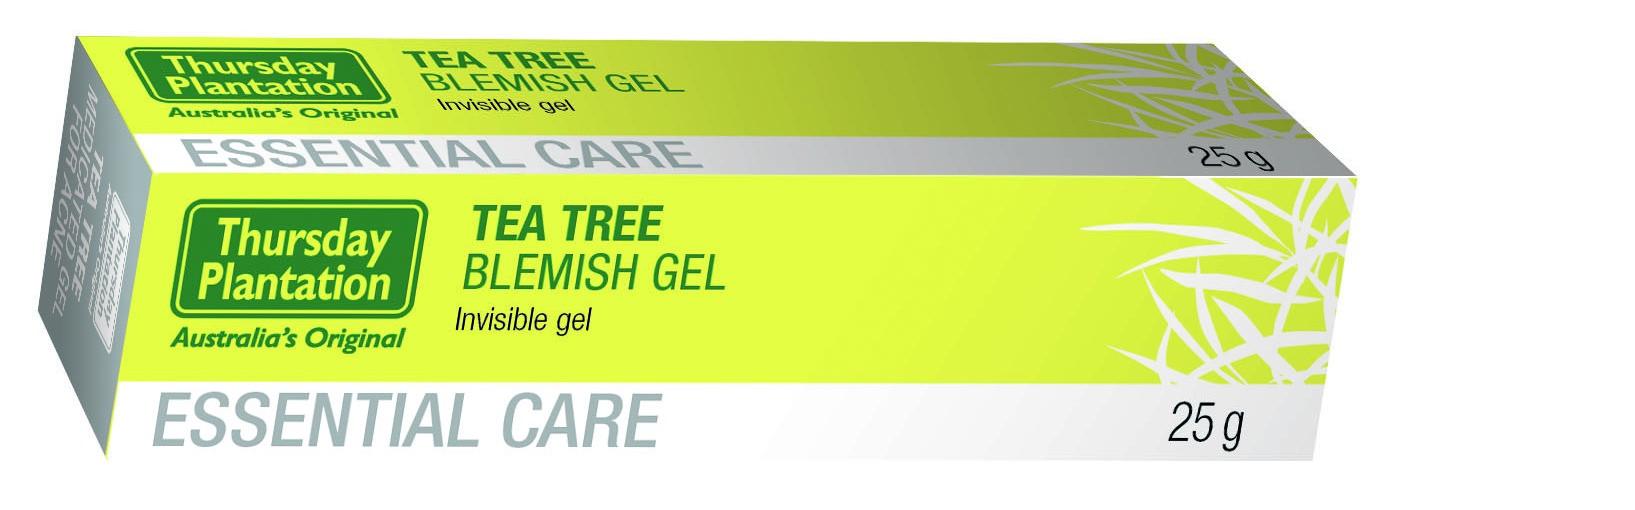 Tea Tree Blemish Gel 25g